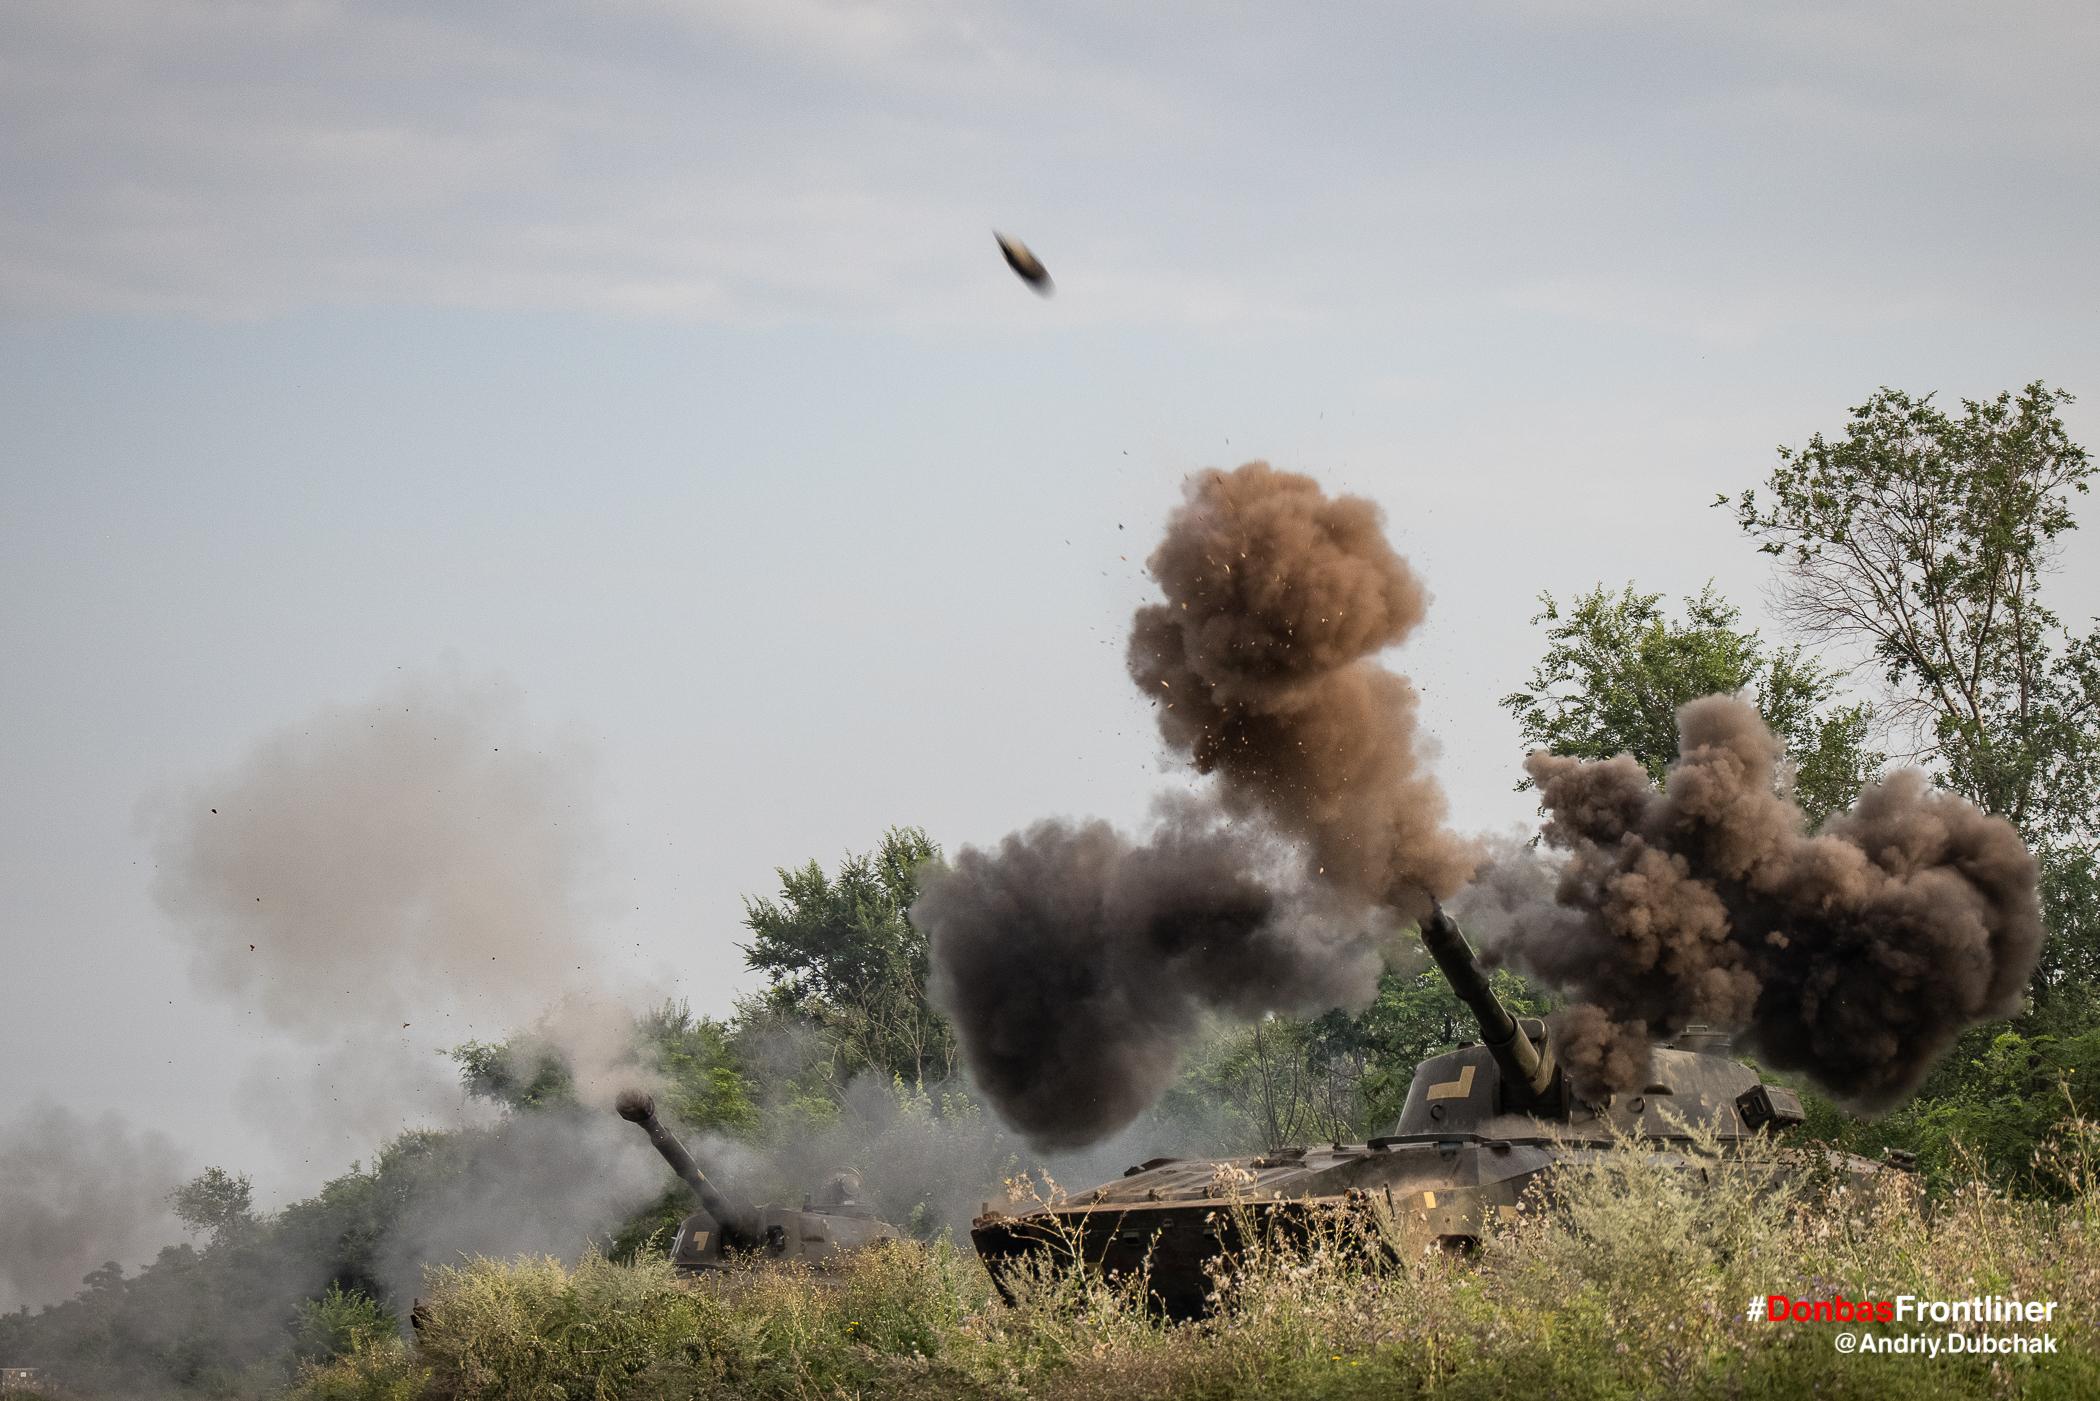 Снаряд вилітає зі стволу САУ. Бойове тренування 503-го батальйону морської піхоти на Приазов'ї, липень 2021 року